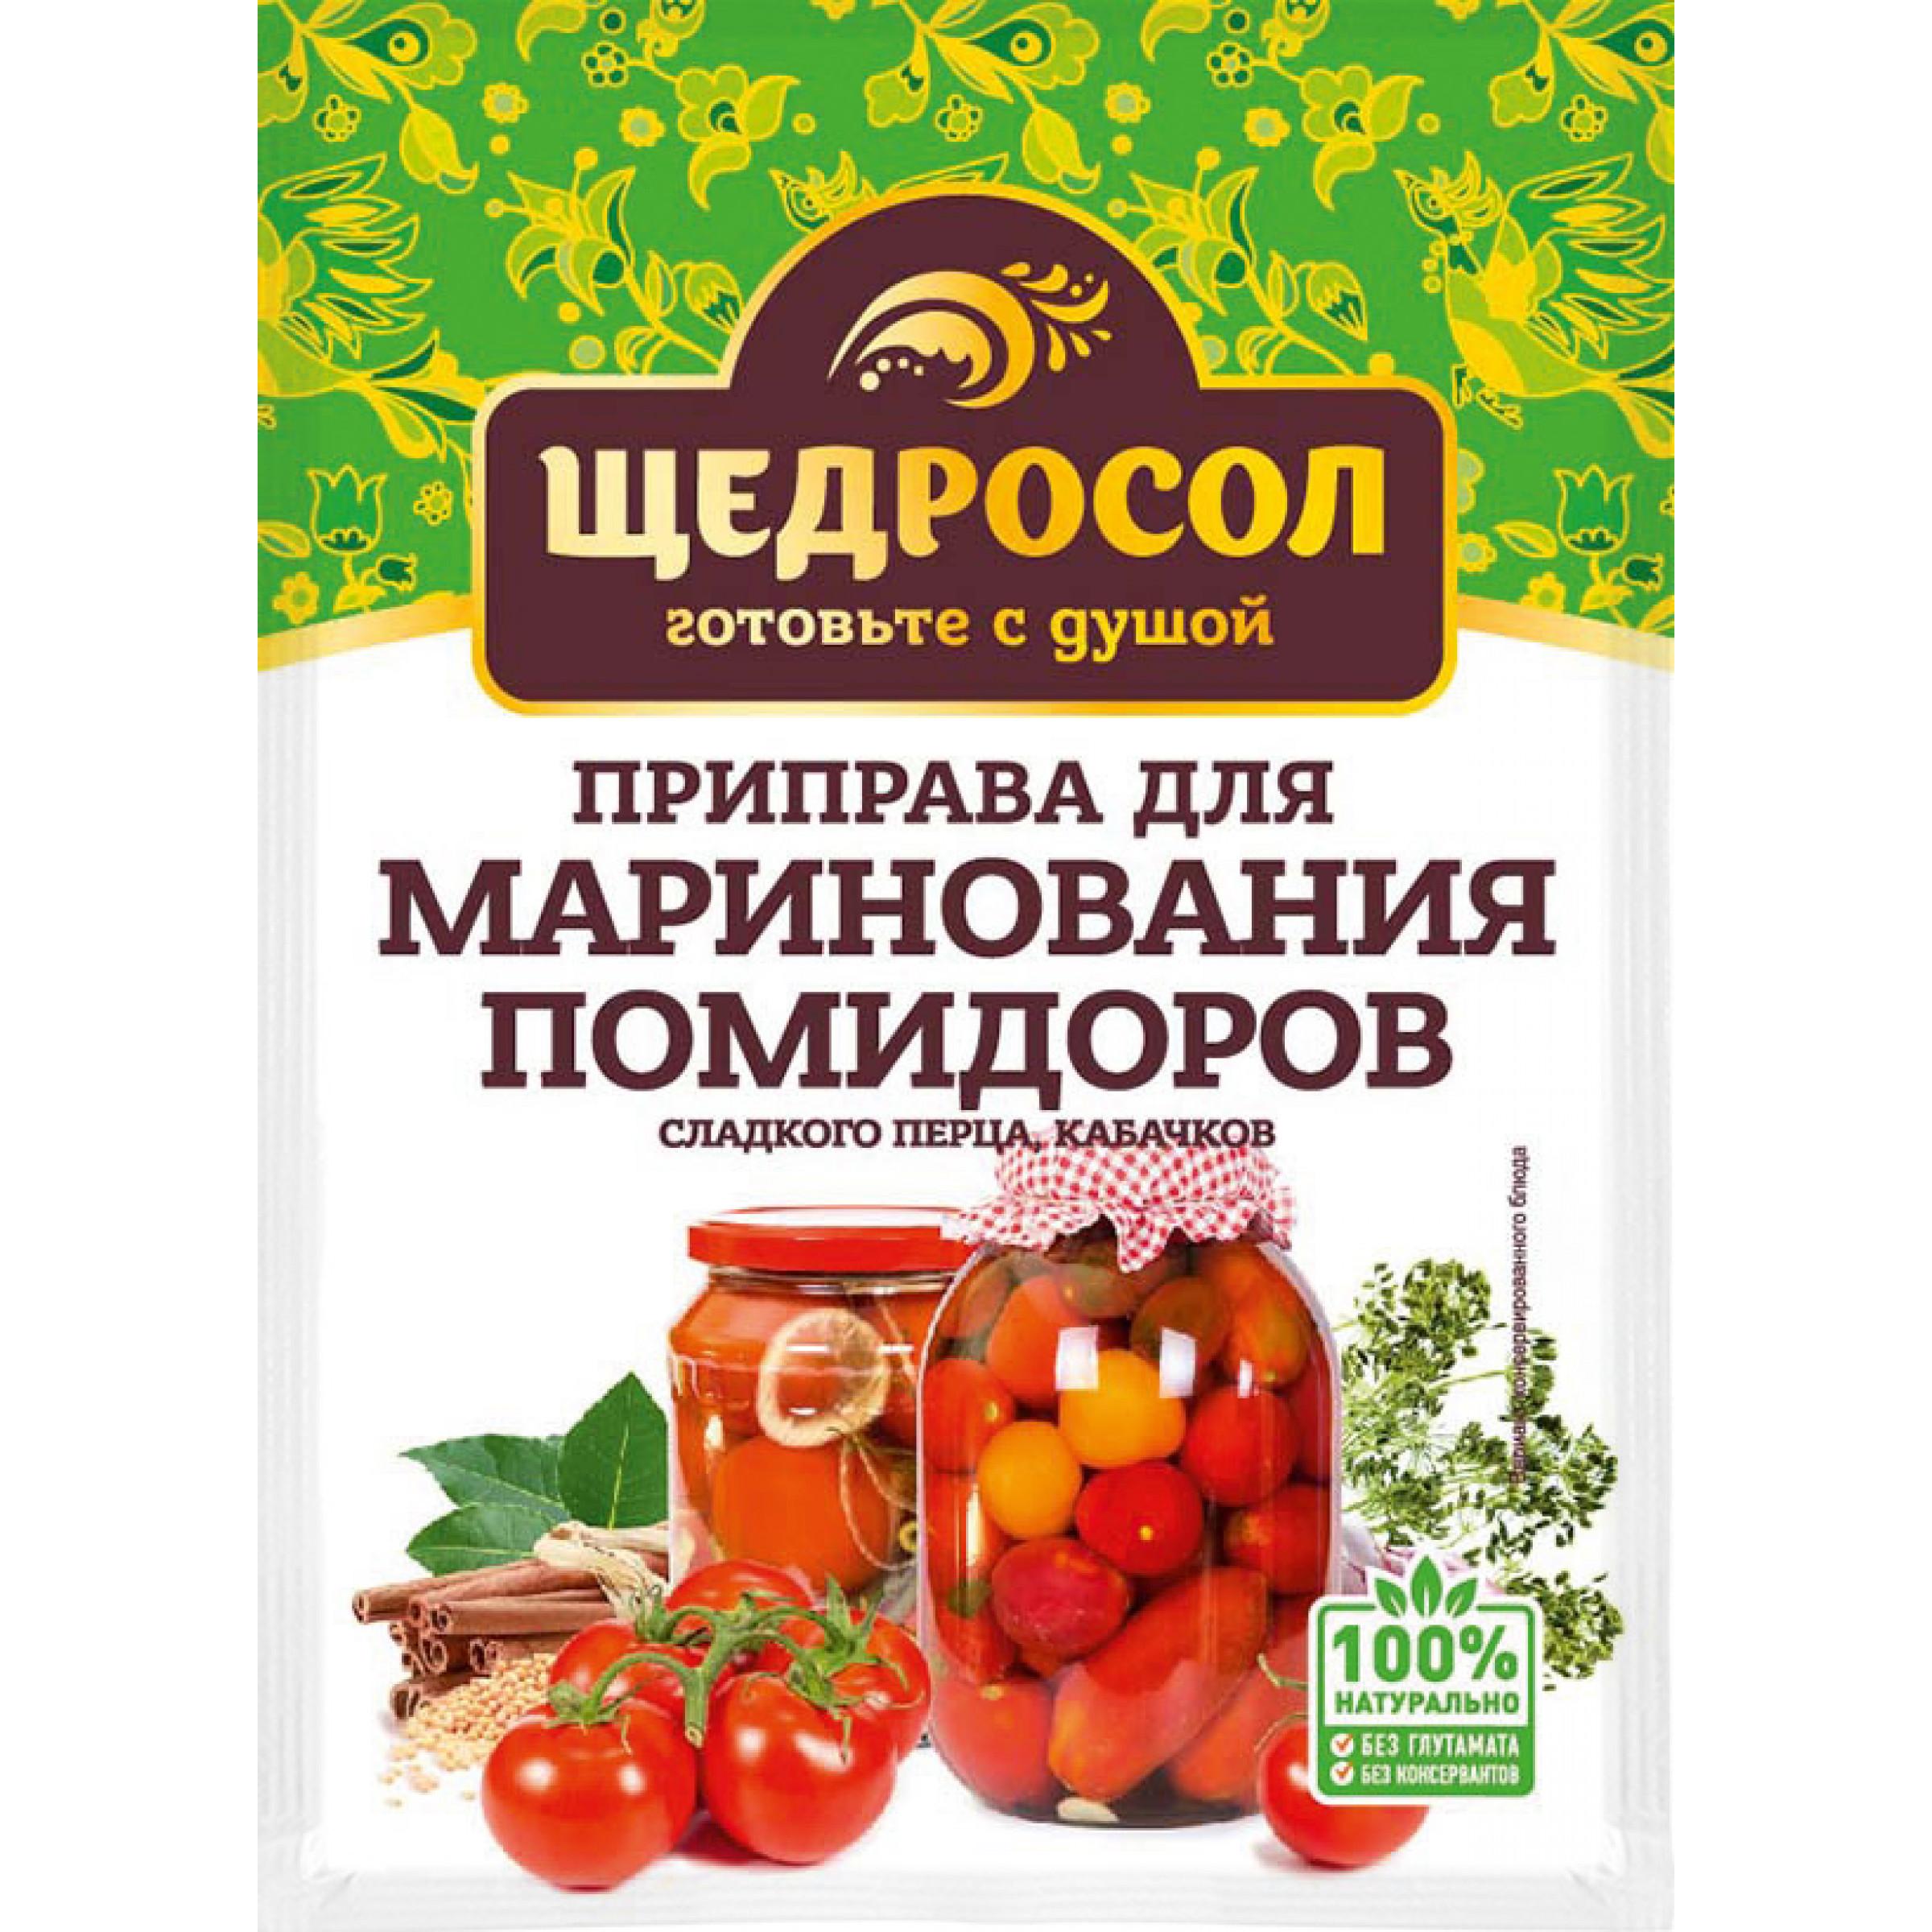 Приправа для маринования помидоров, Щедросол, 15 гр